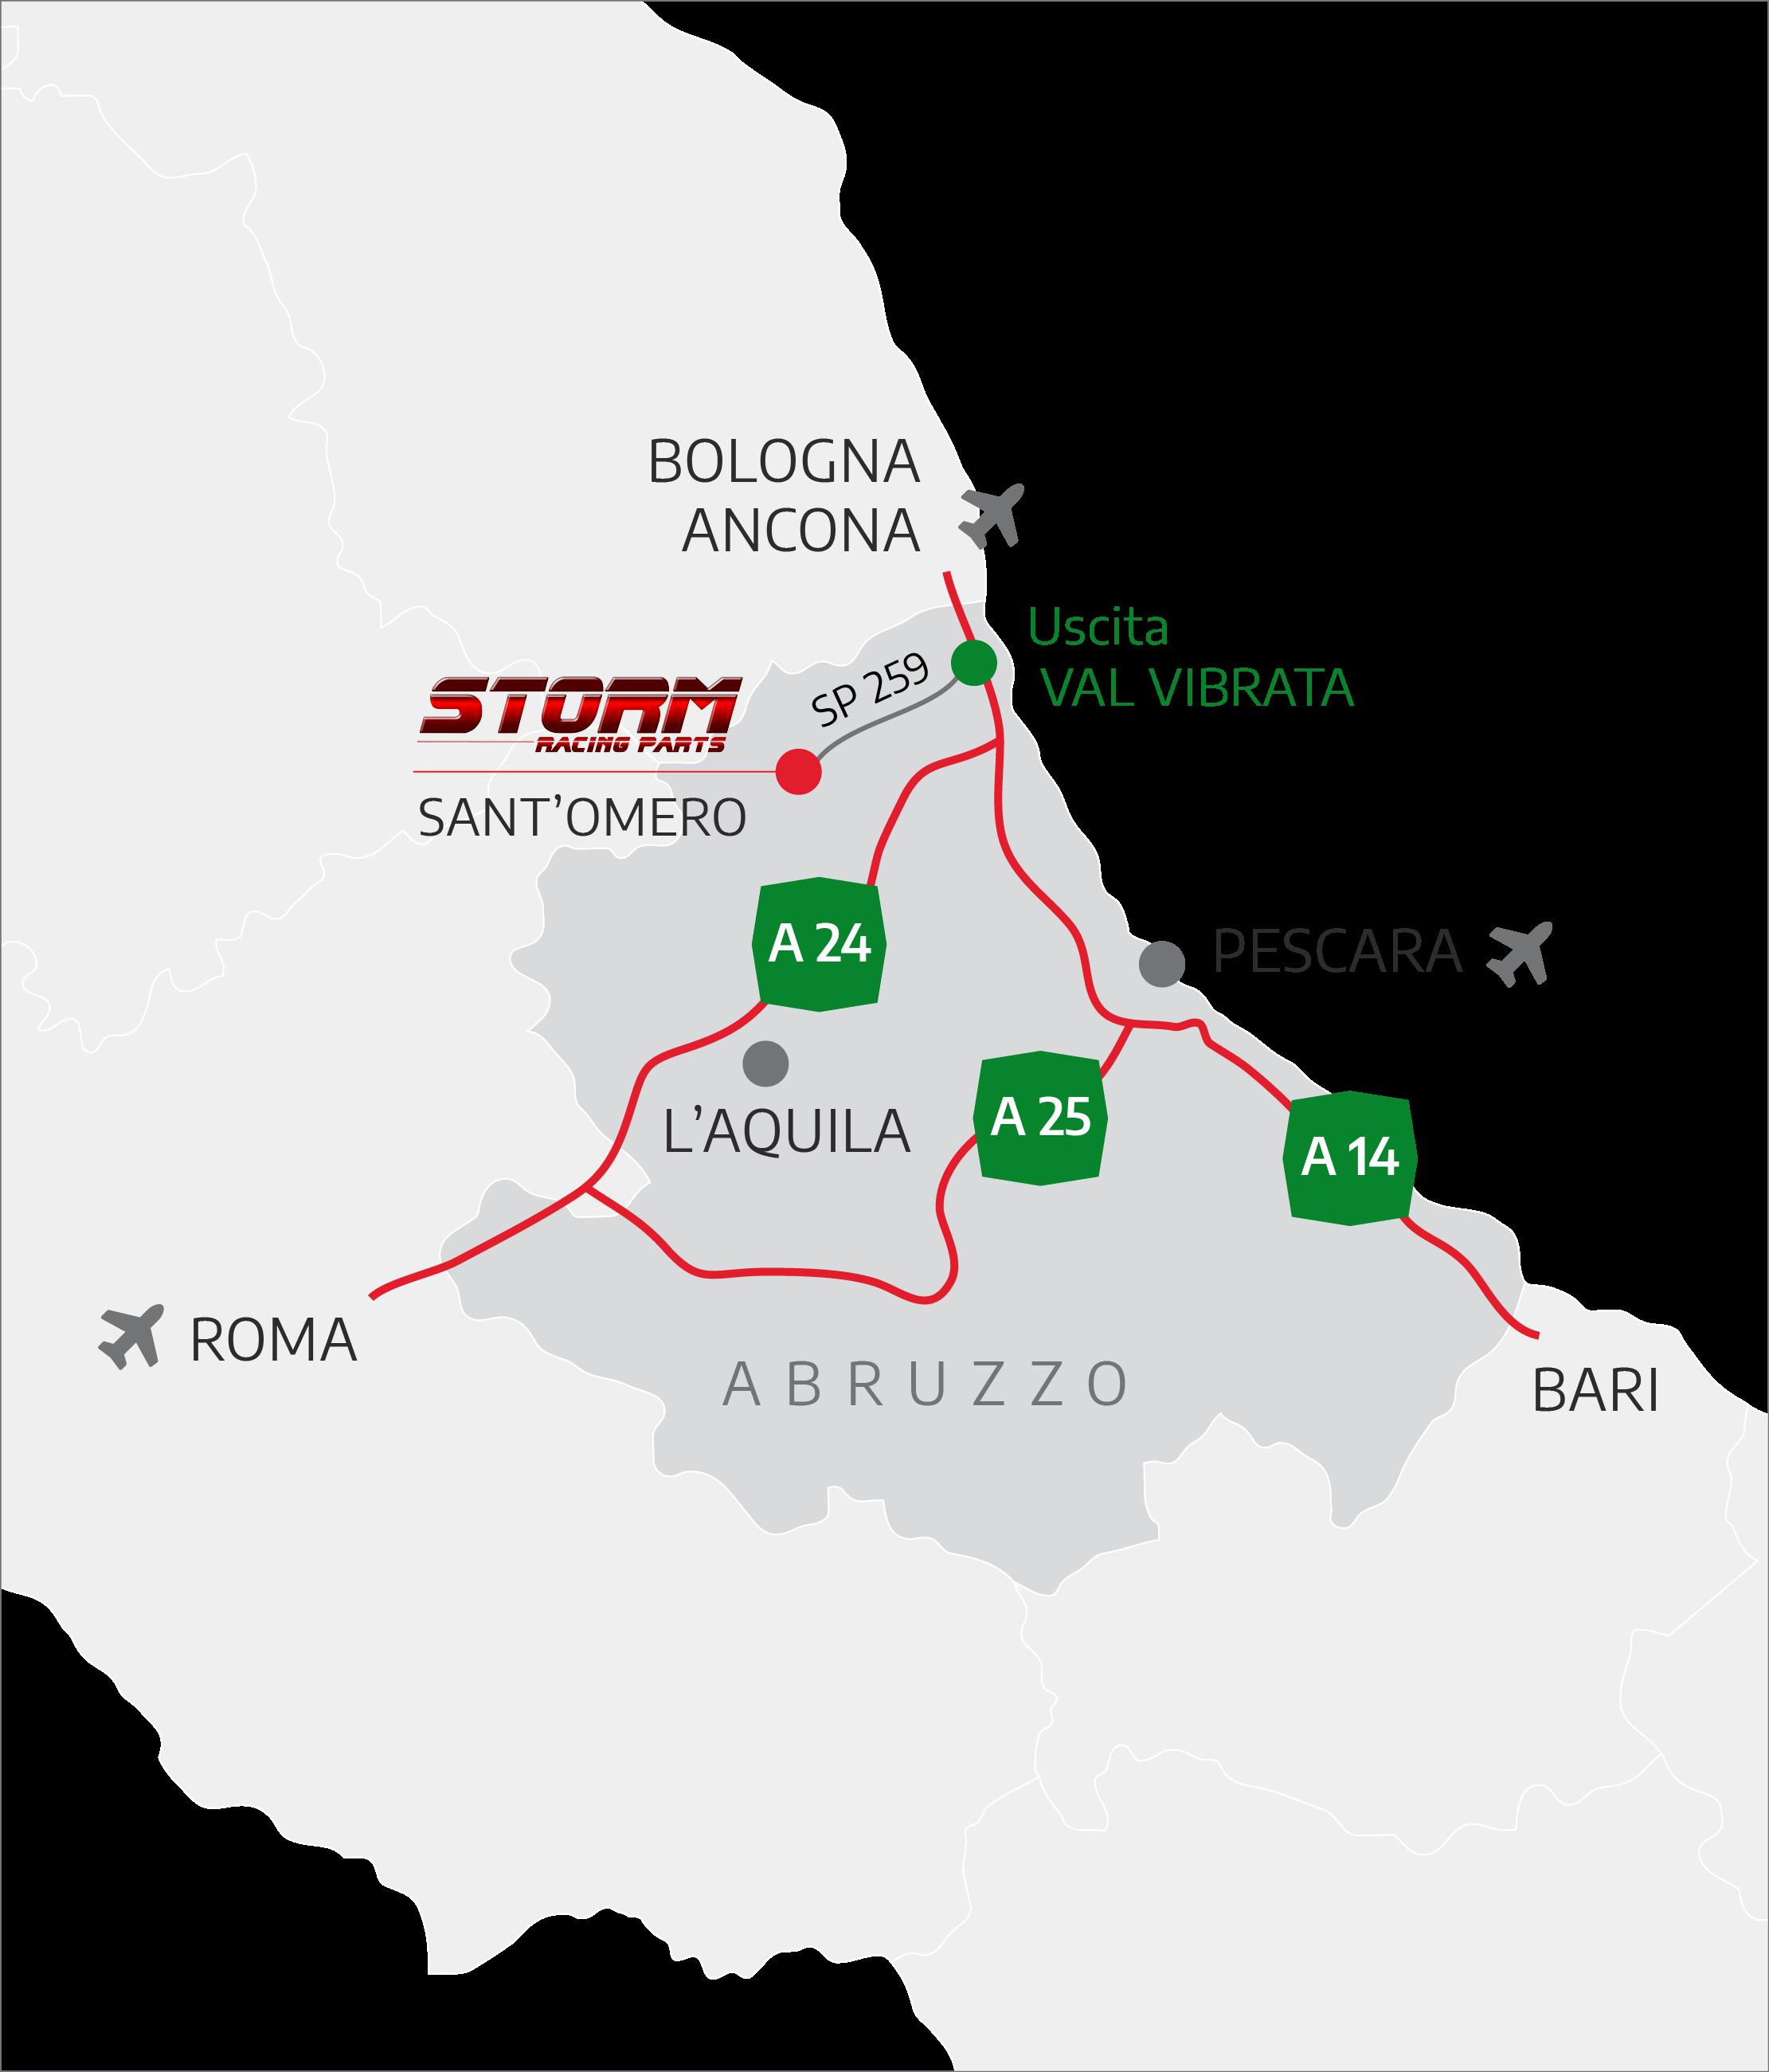 Storm in Abruzzo